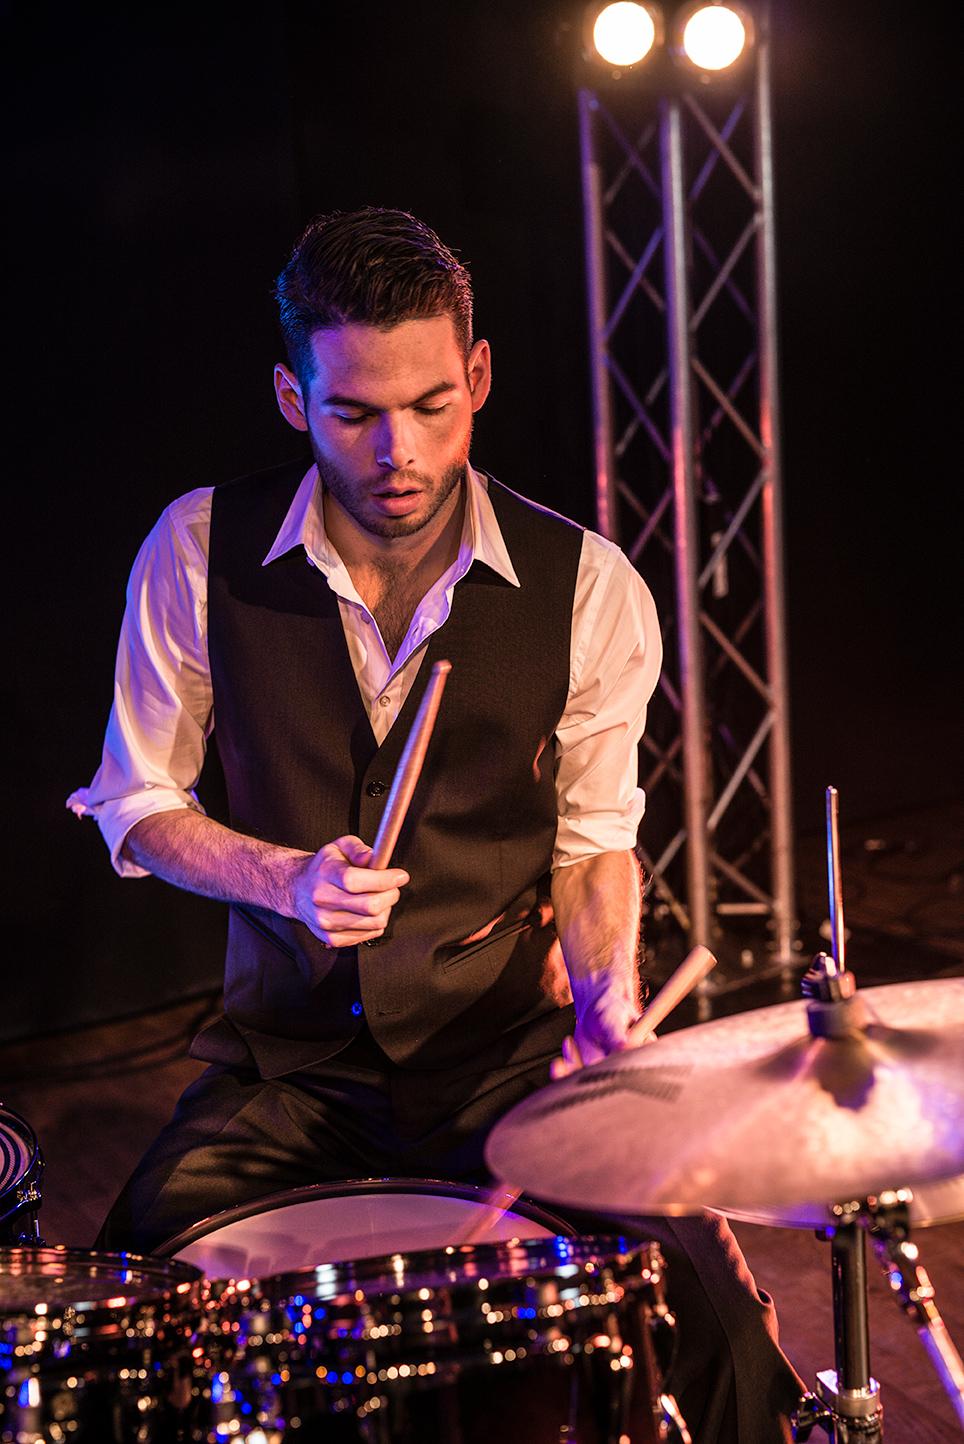 Jazzband kindofblue Drums Raphael Stickler